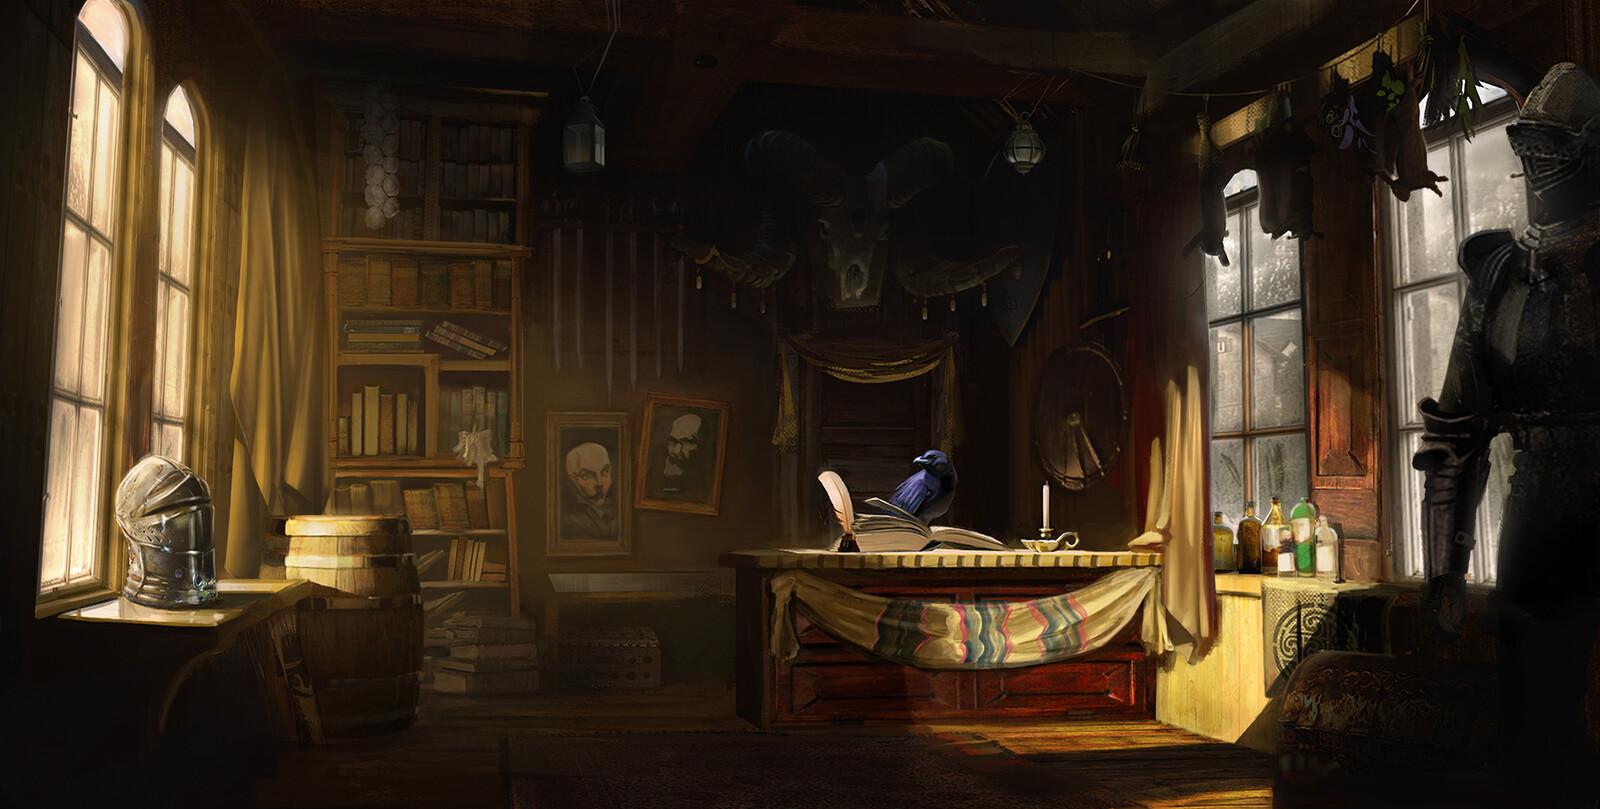 Curious Cottage - inside shots